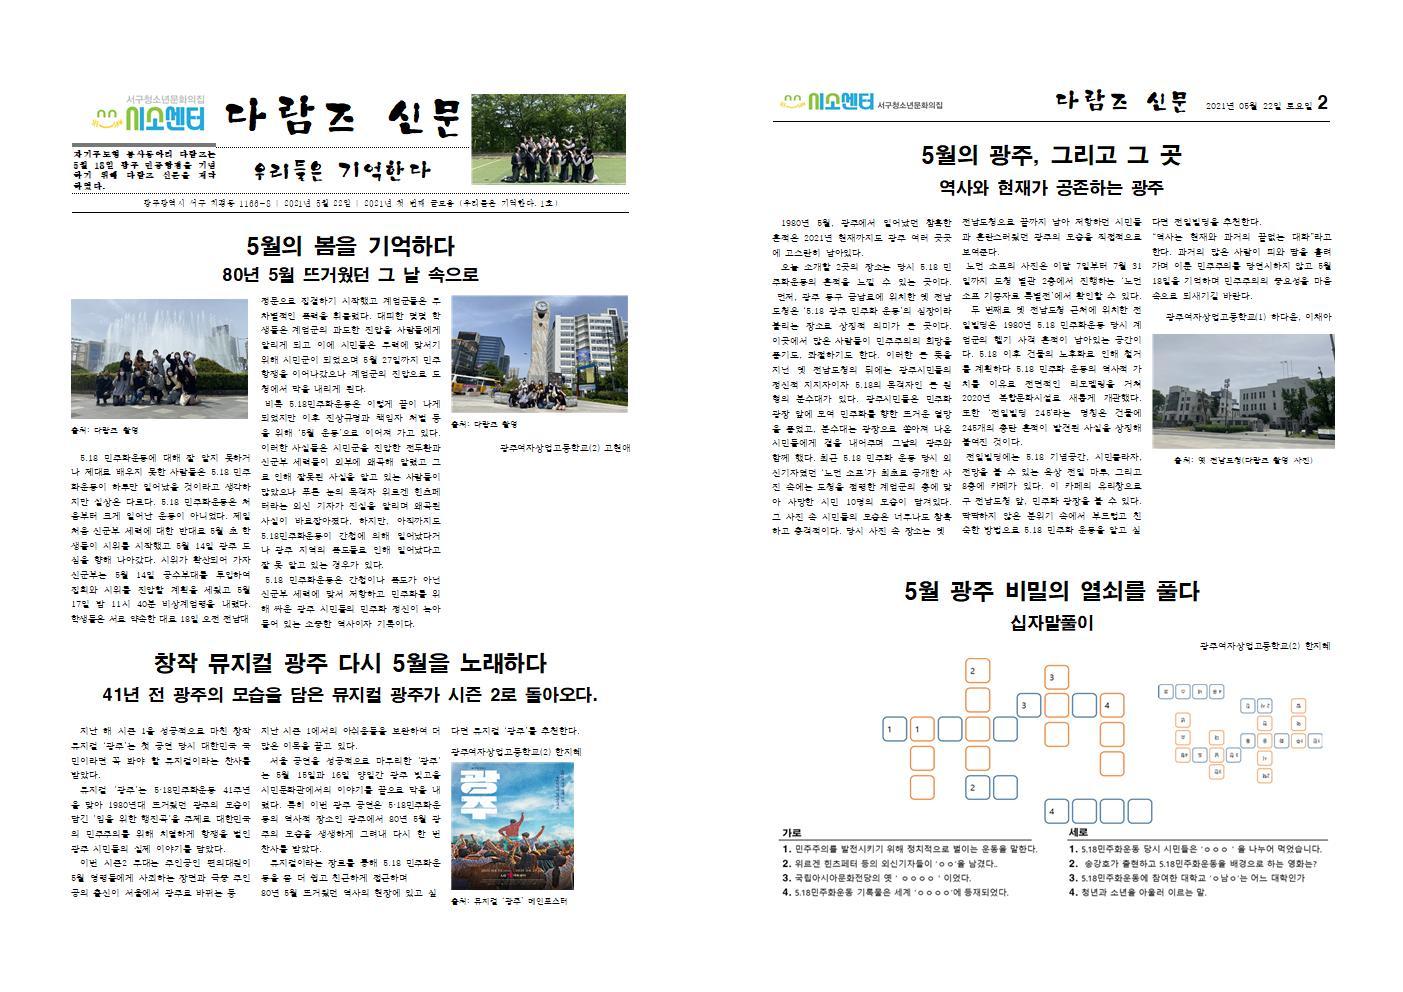 [최종] 다람즈 신문001.jpg